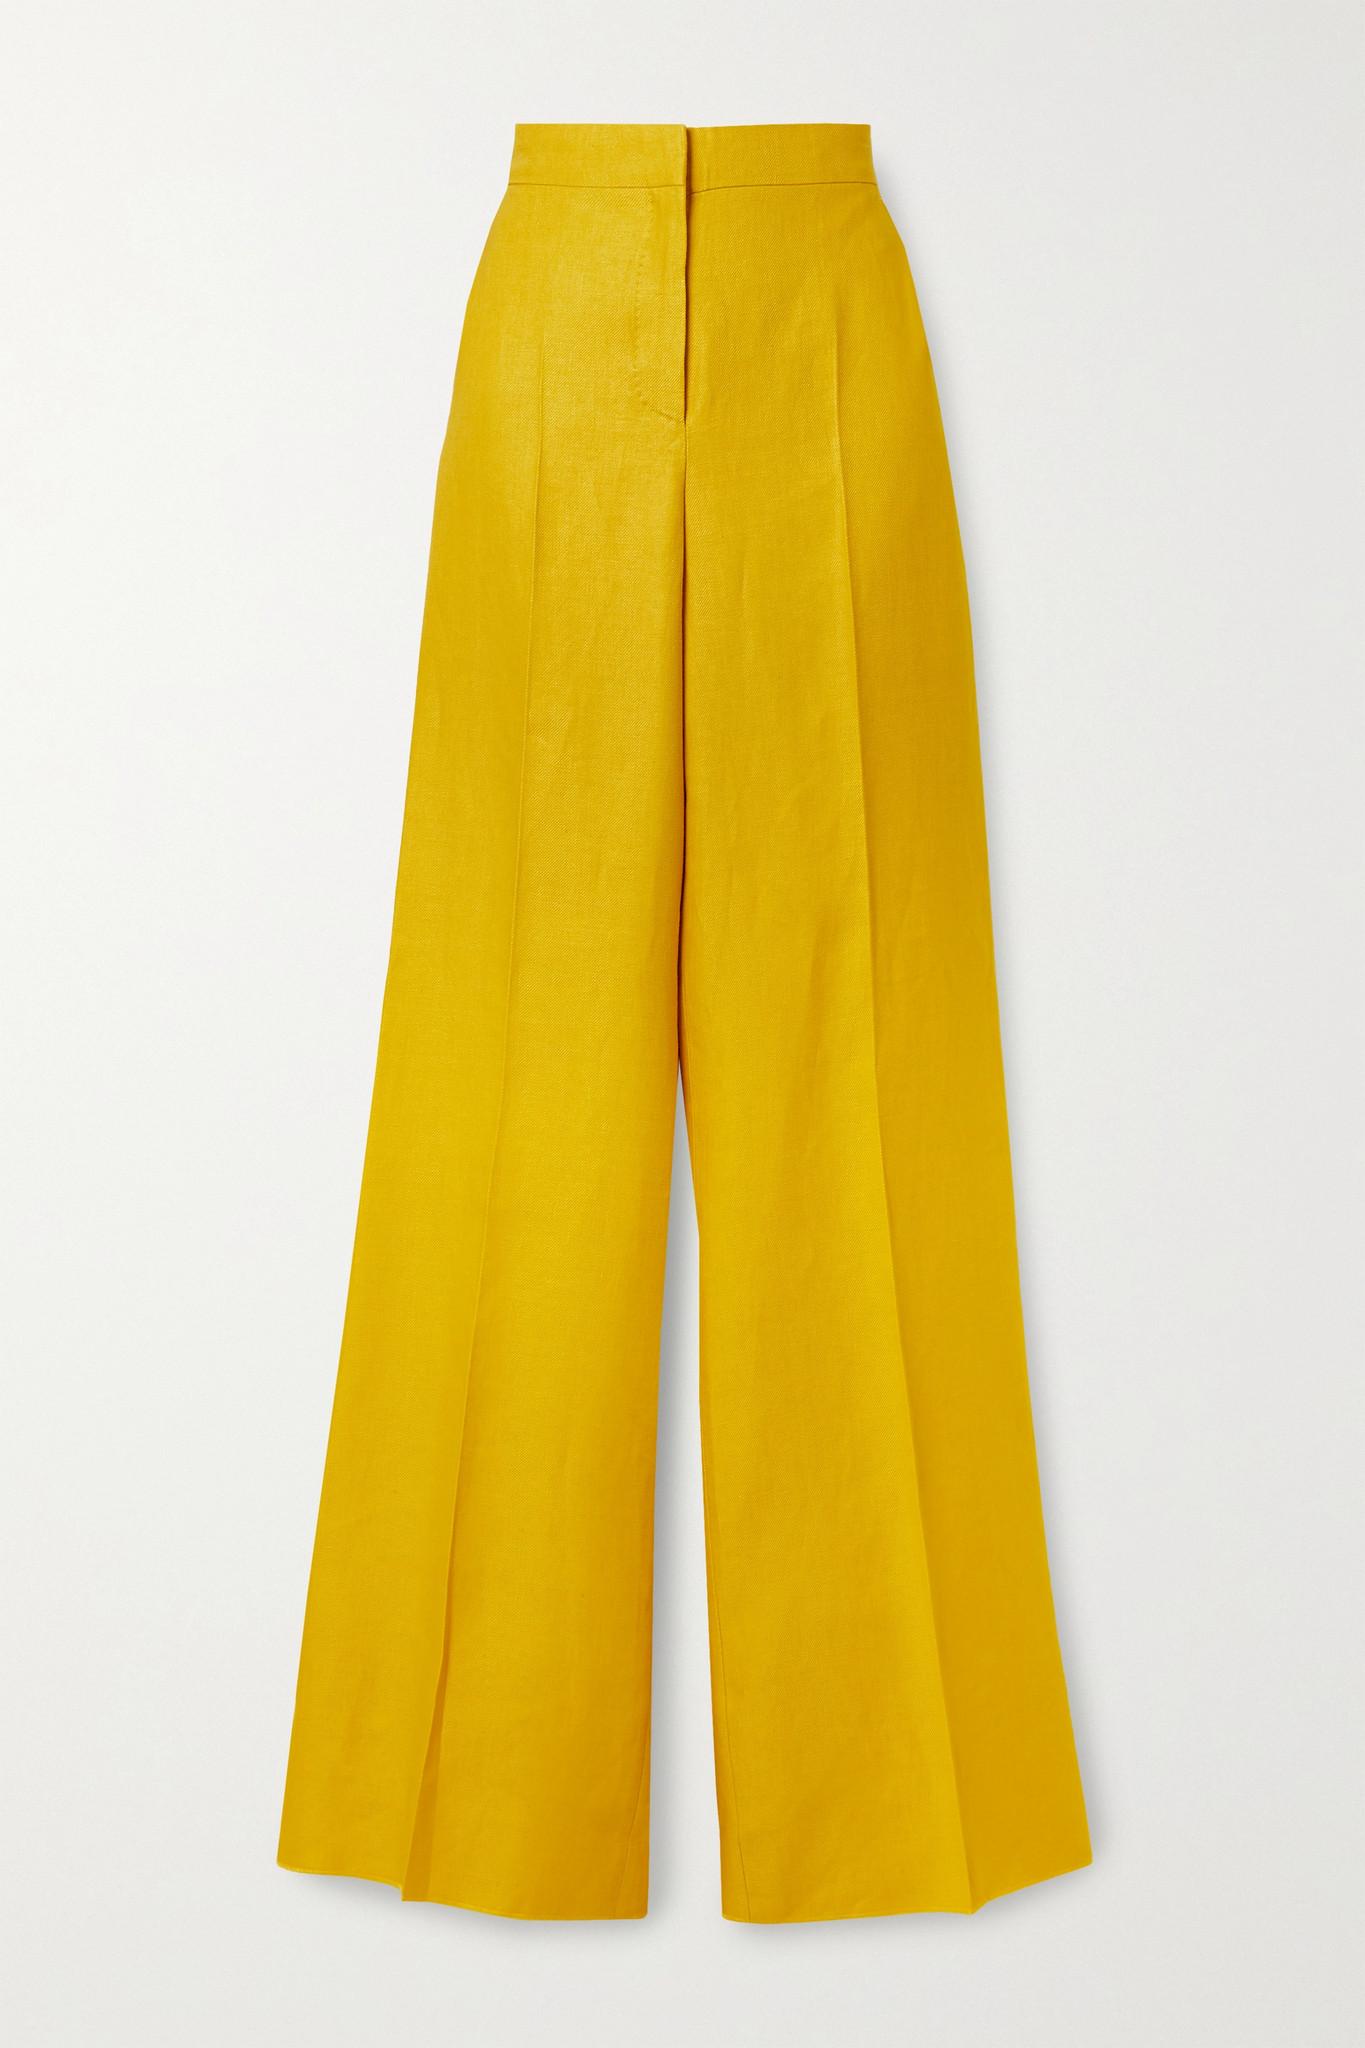 MAX MARA - Ginosa Linen-twill Wide-leg Pants - Yellow - UK6